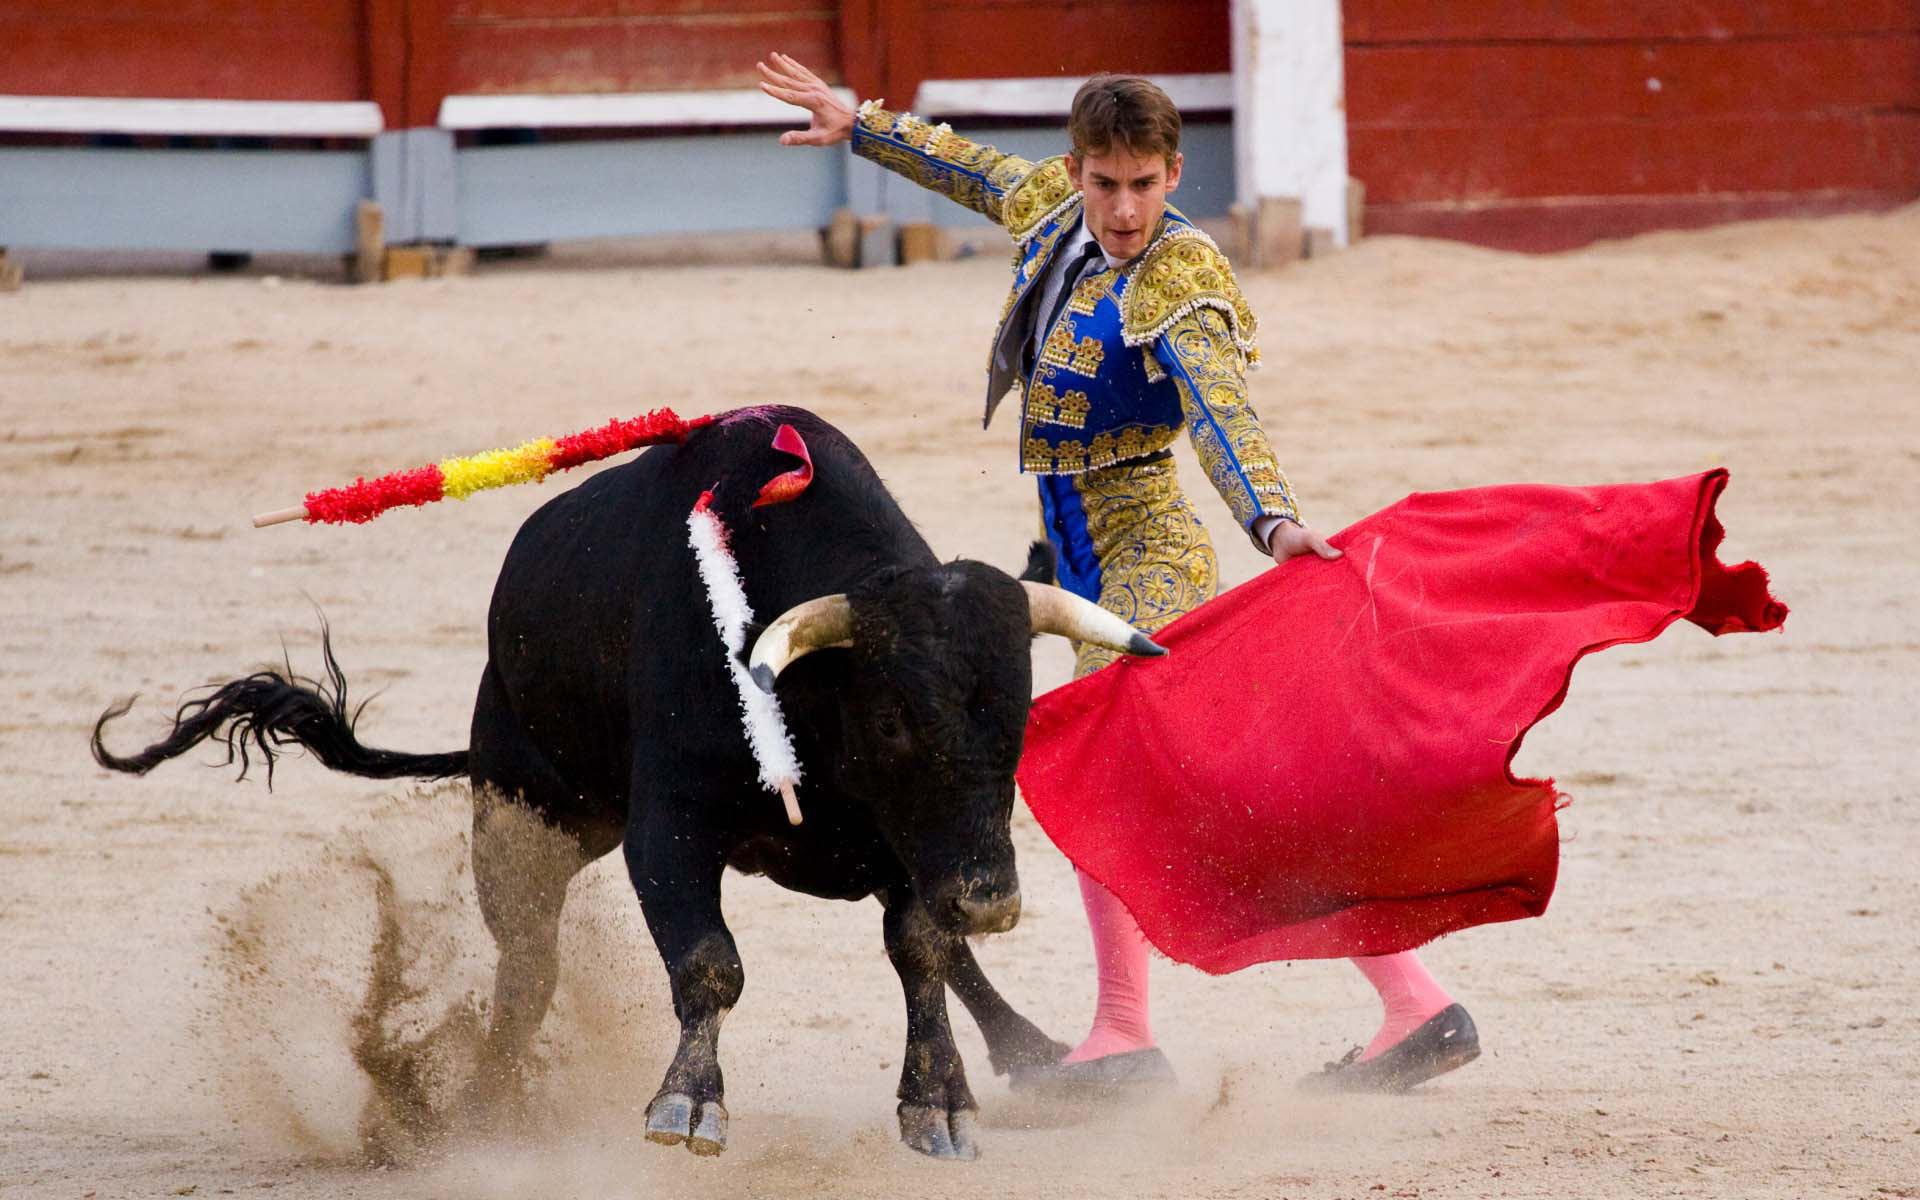 puteshestviya 2 interesnyie faktyi  Зачем ехать в Испанию?